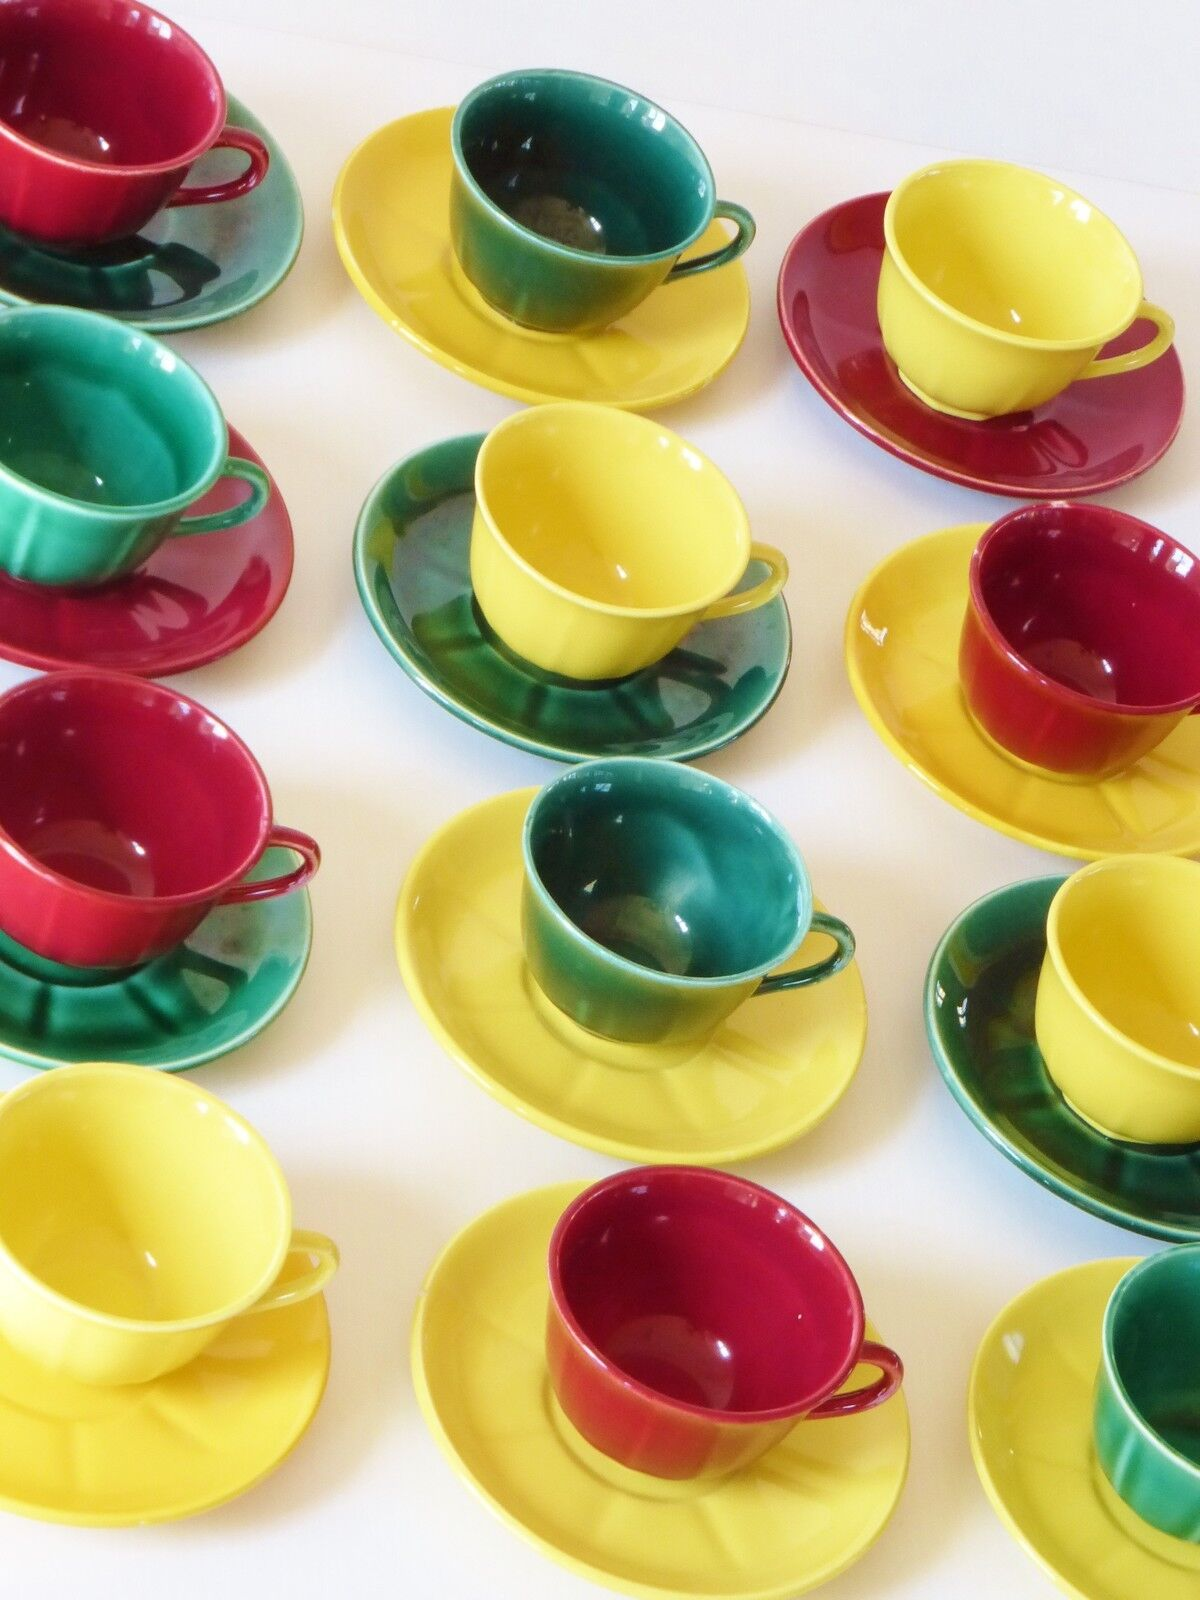 SUITE DE 12 TASSES CERAMIQUE DES ANNEES 50  60 VINTAGE 1950 1960 FRENCH CUPS